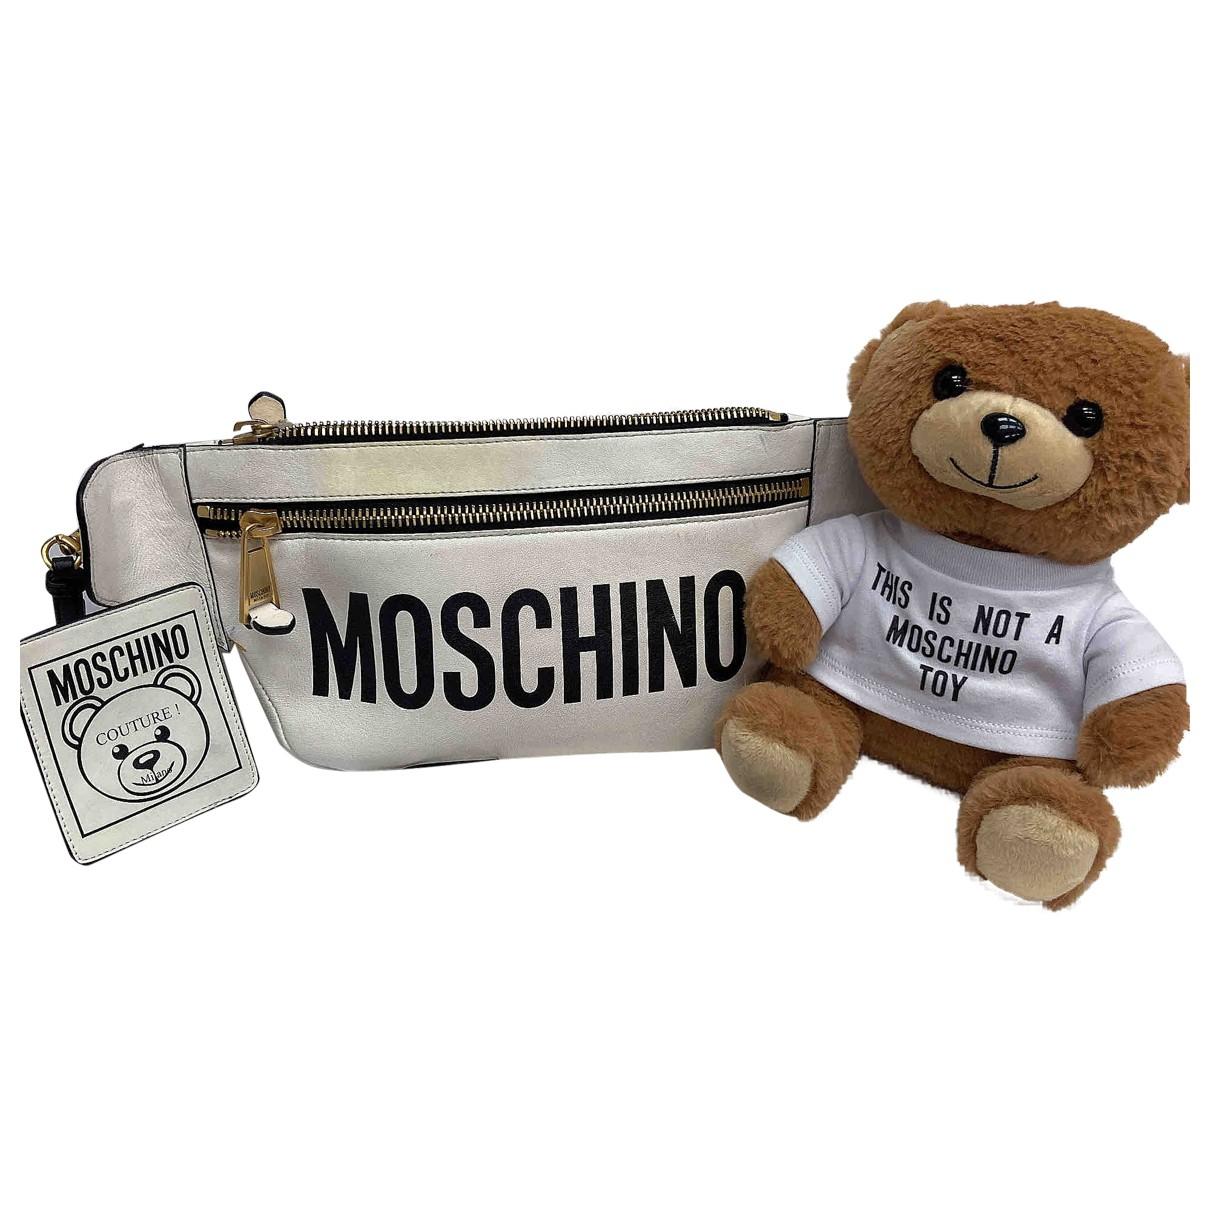 Moschino - Sac a main   pour femme en cuir - blanc